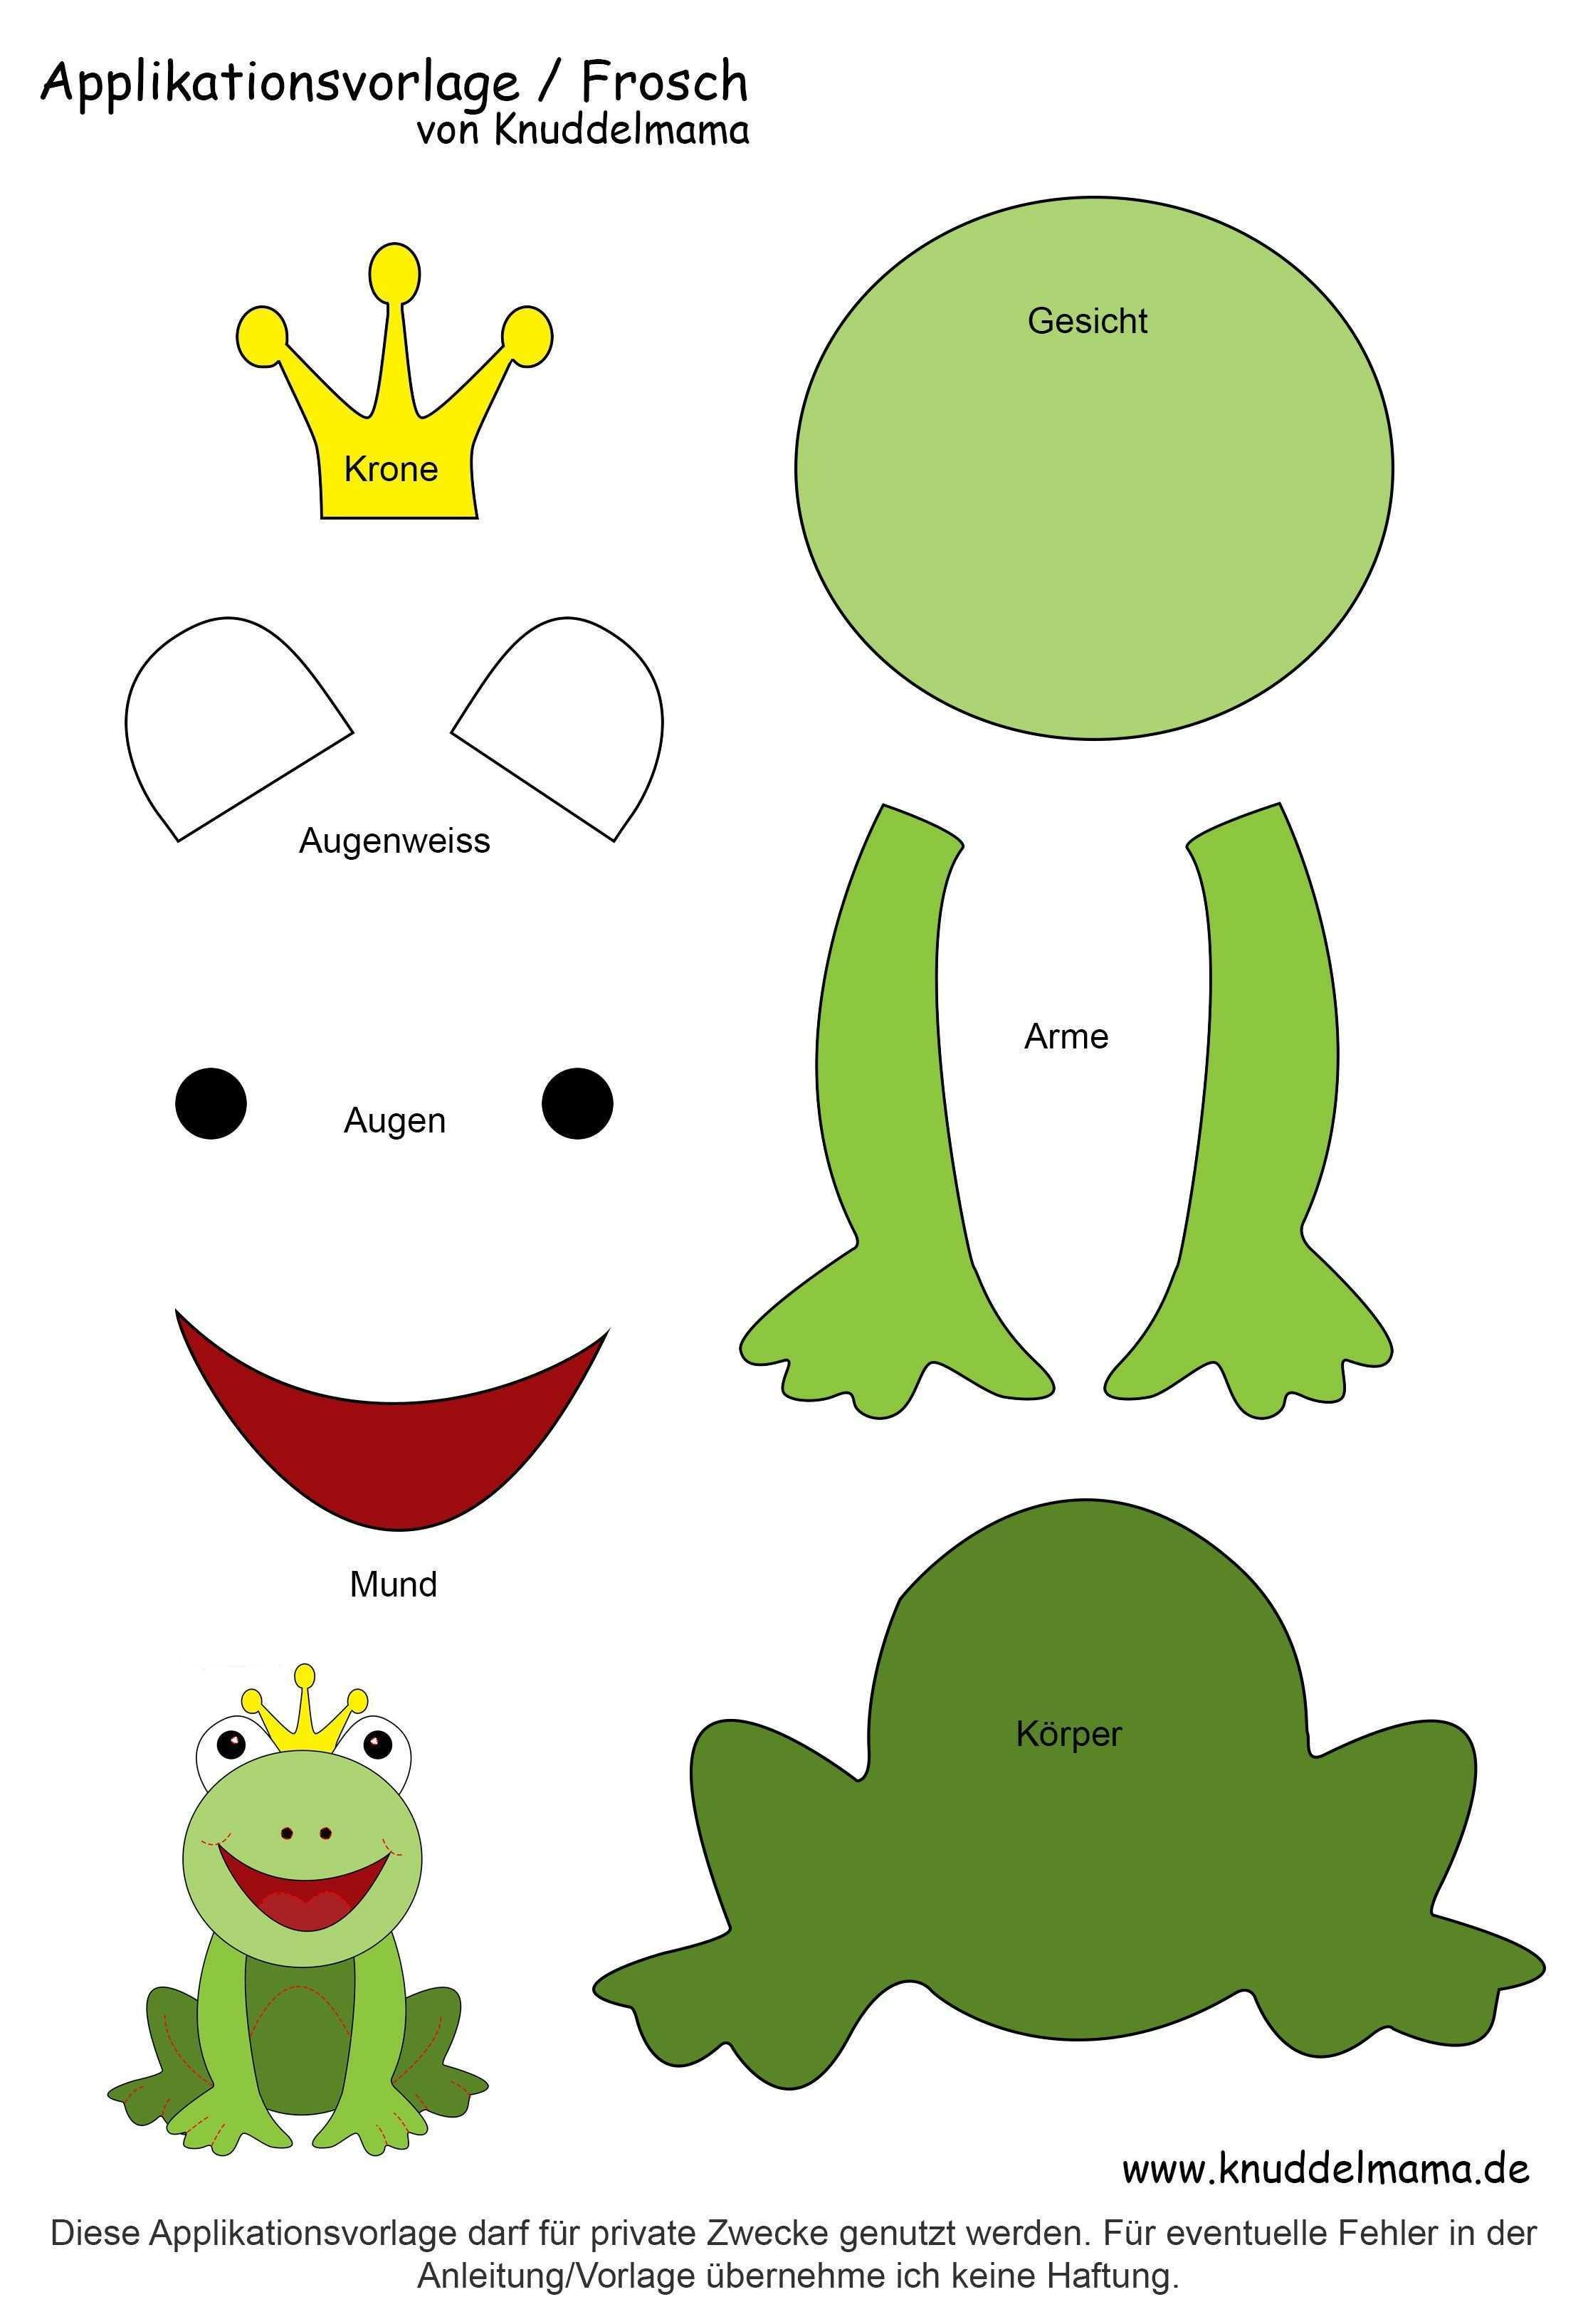 Froschvorlage Applikation Vorlagen Applikationsvorlage Frosch Basteln